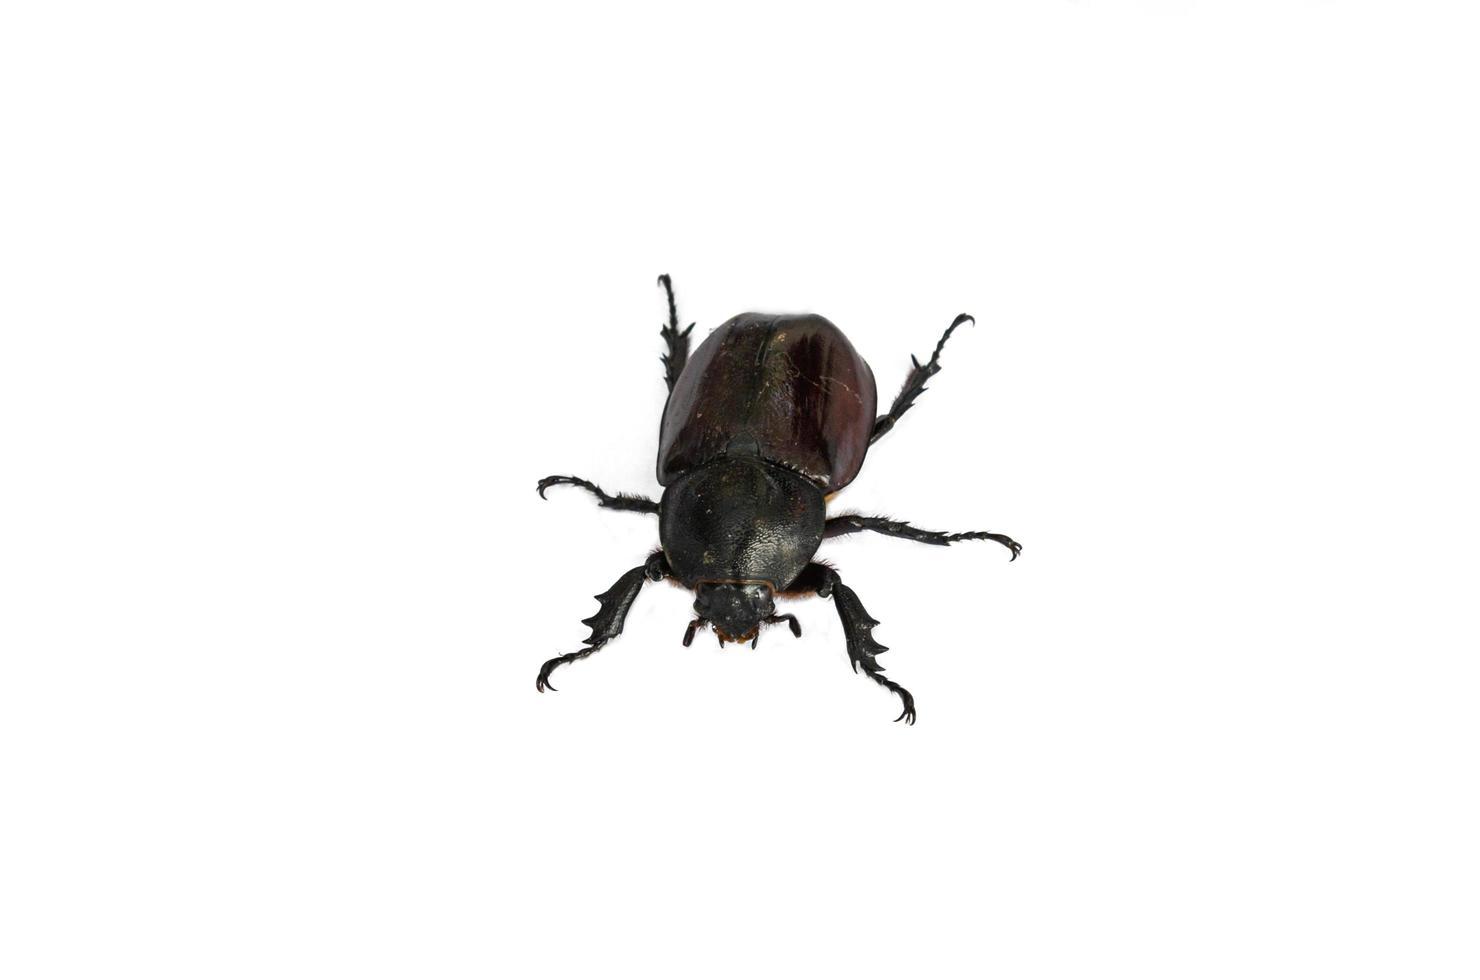 escarabajo sobre un fondo blanco foto